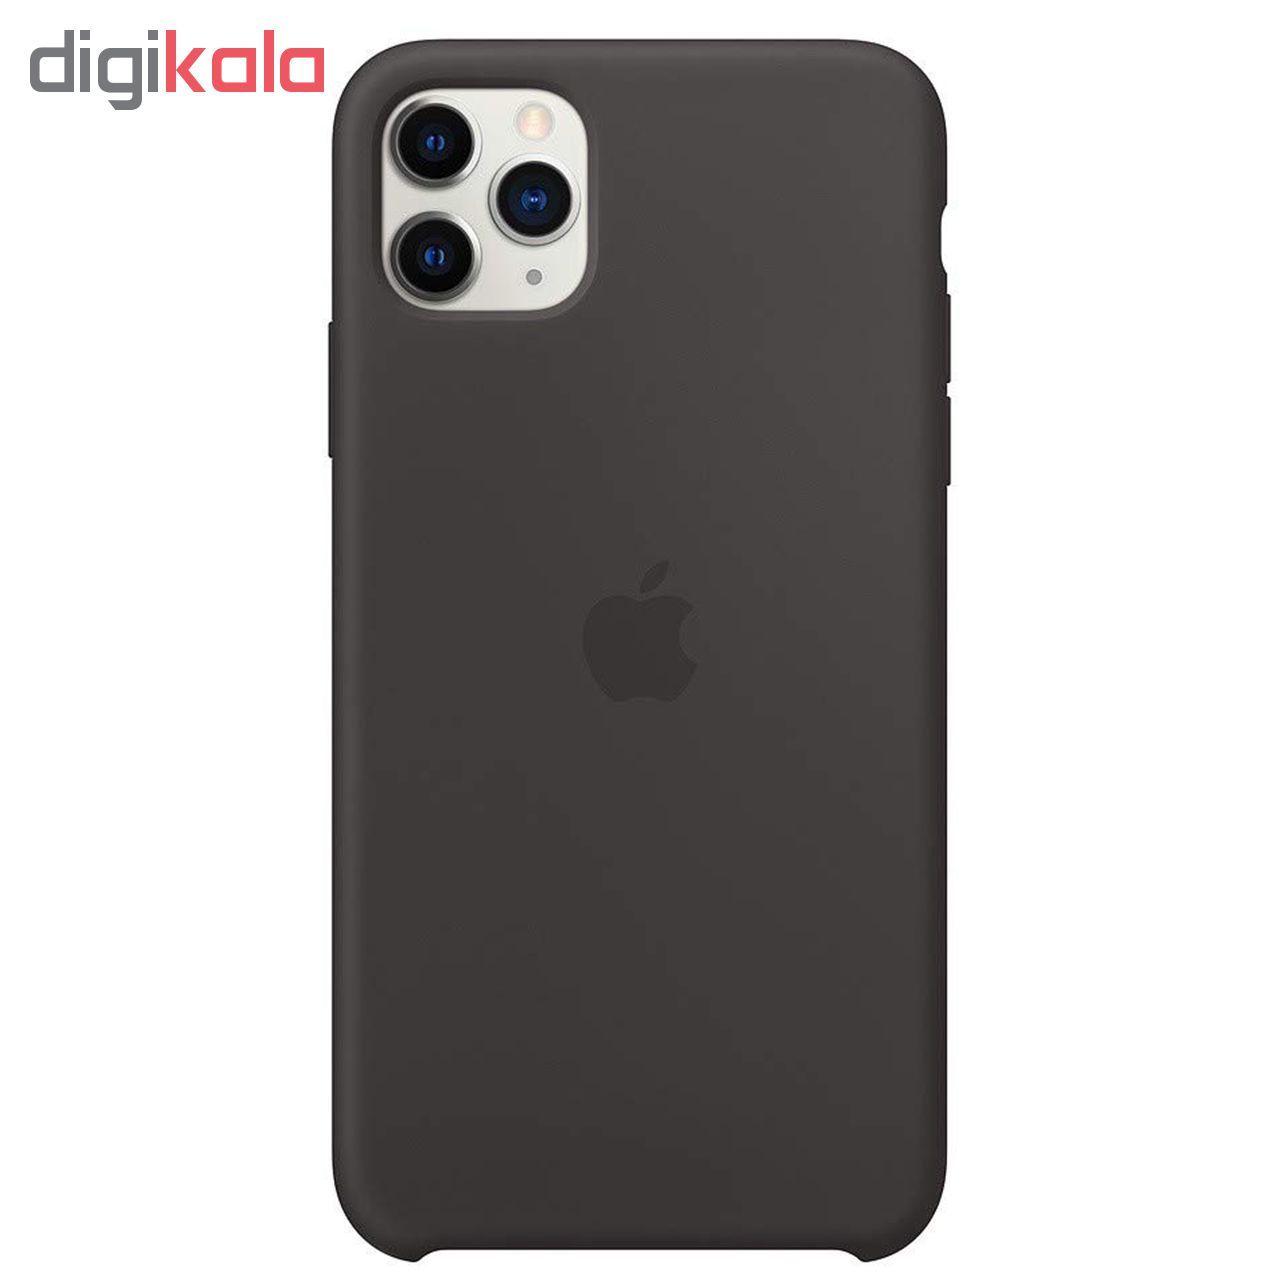 کاور مدل Si1ic0n  مناسب برای گوشی موبایل اپل iPhone 11 Pro Max main 1 1